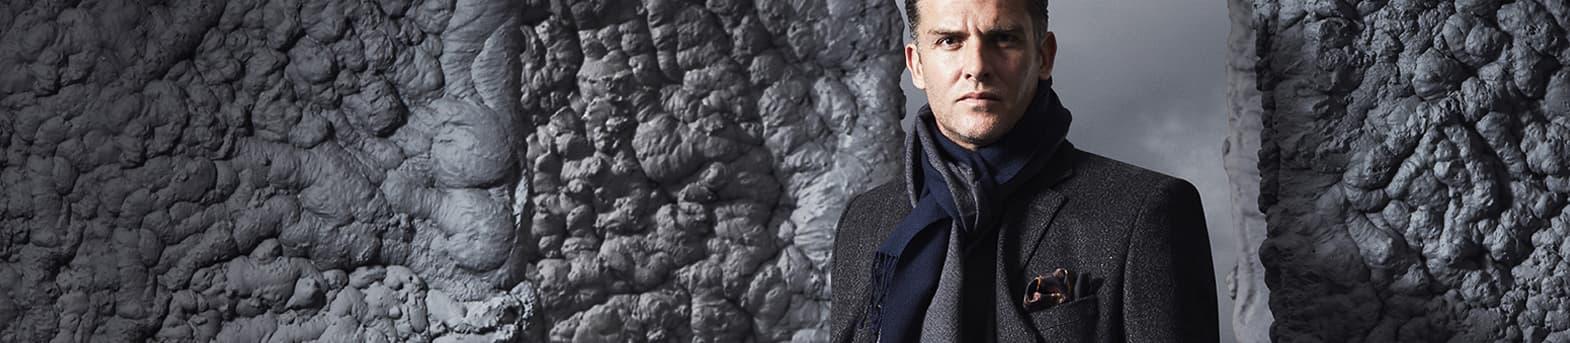 Men's Grey Coats & Jackets